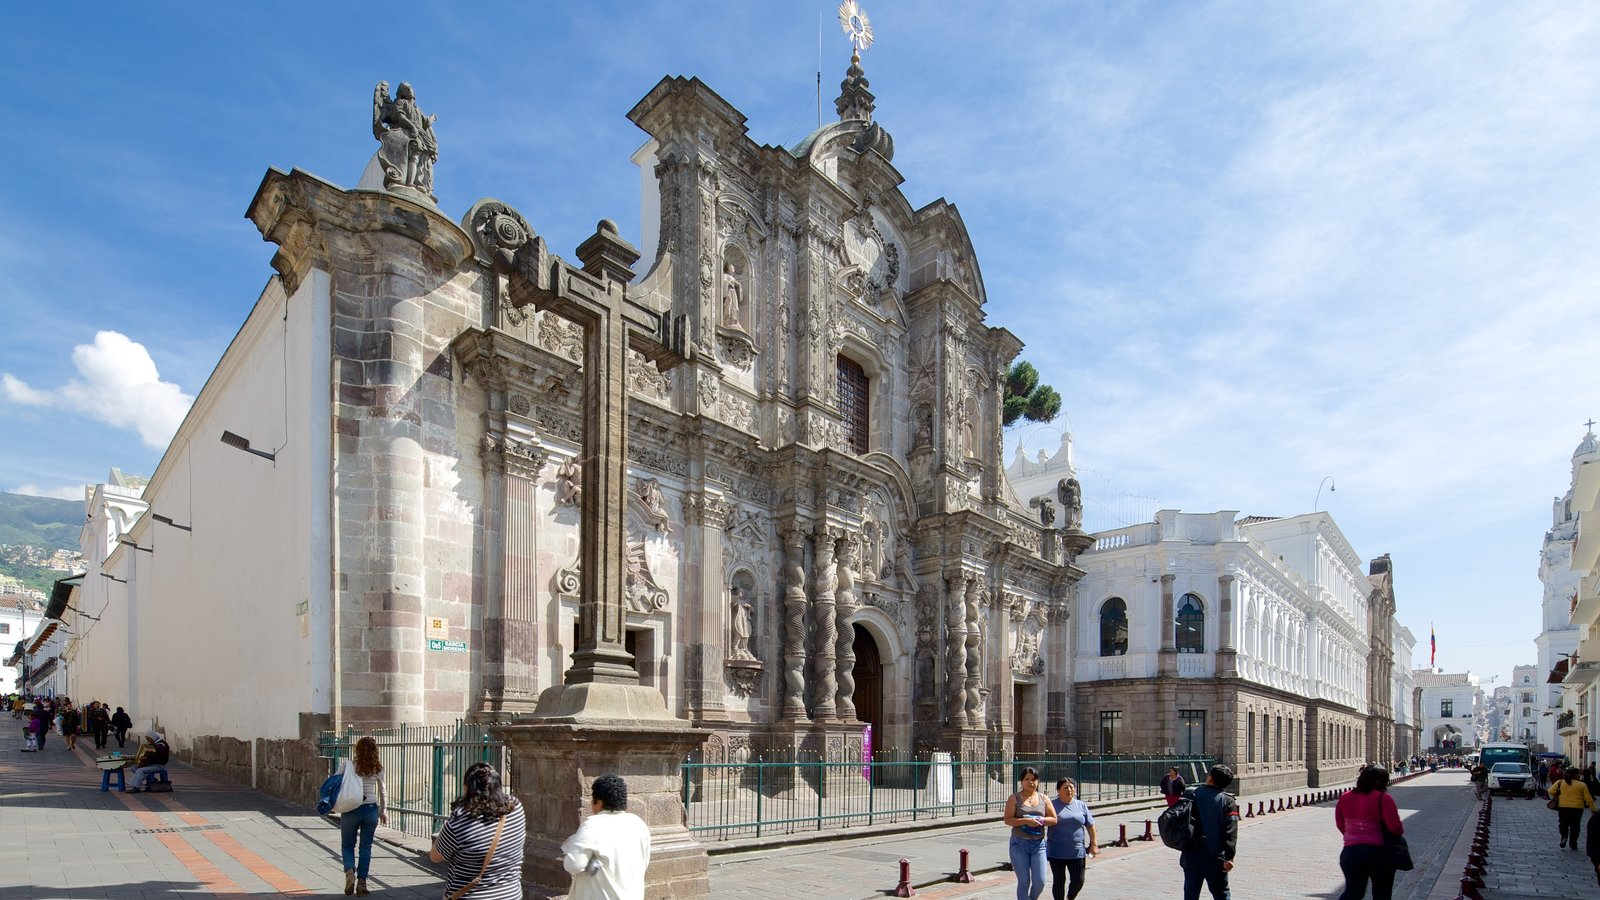 Igreja da Companhia de Jesus mostrando uma igreja ou catedral e cenas de rua assim como um grande grupo de pessoas